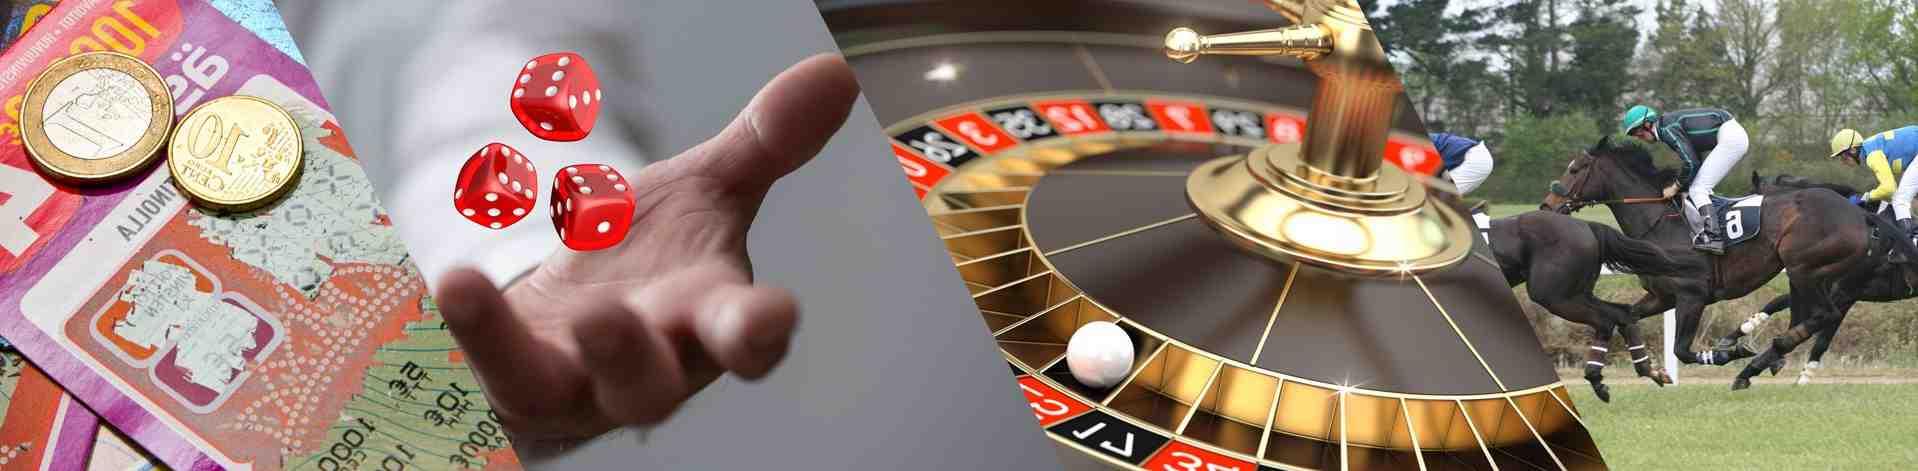 jeux de hasard comme un jeu